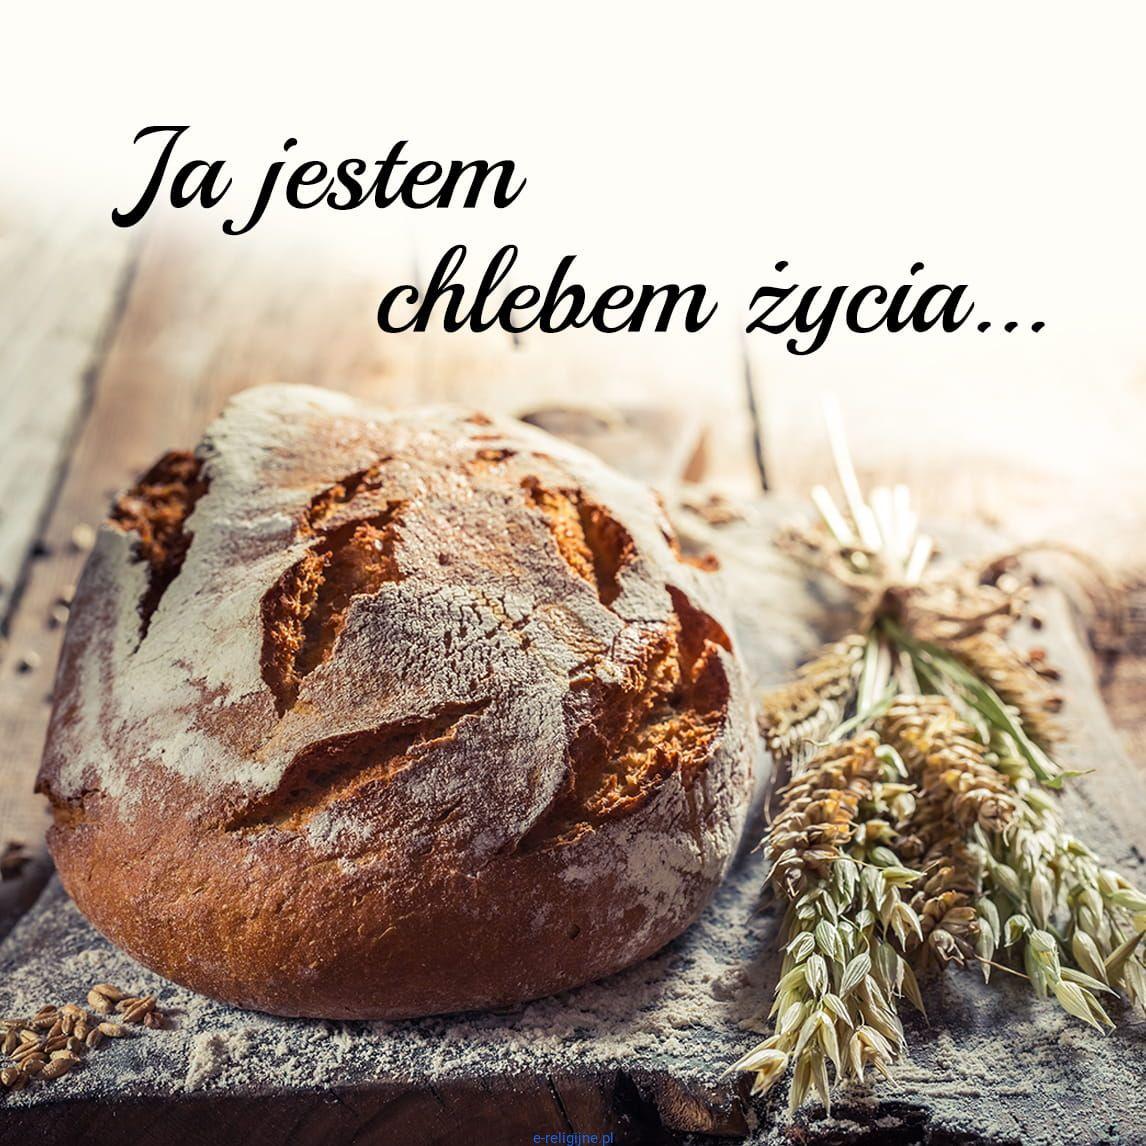 """Podstawka korkowa """"Ja jestem chlebem życia..."""""""